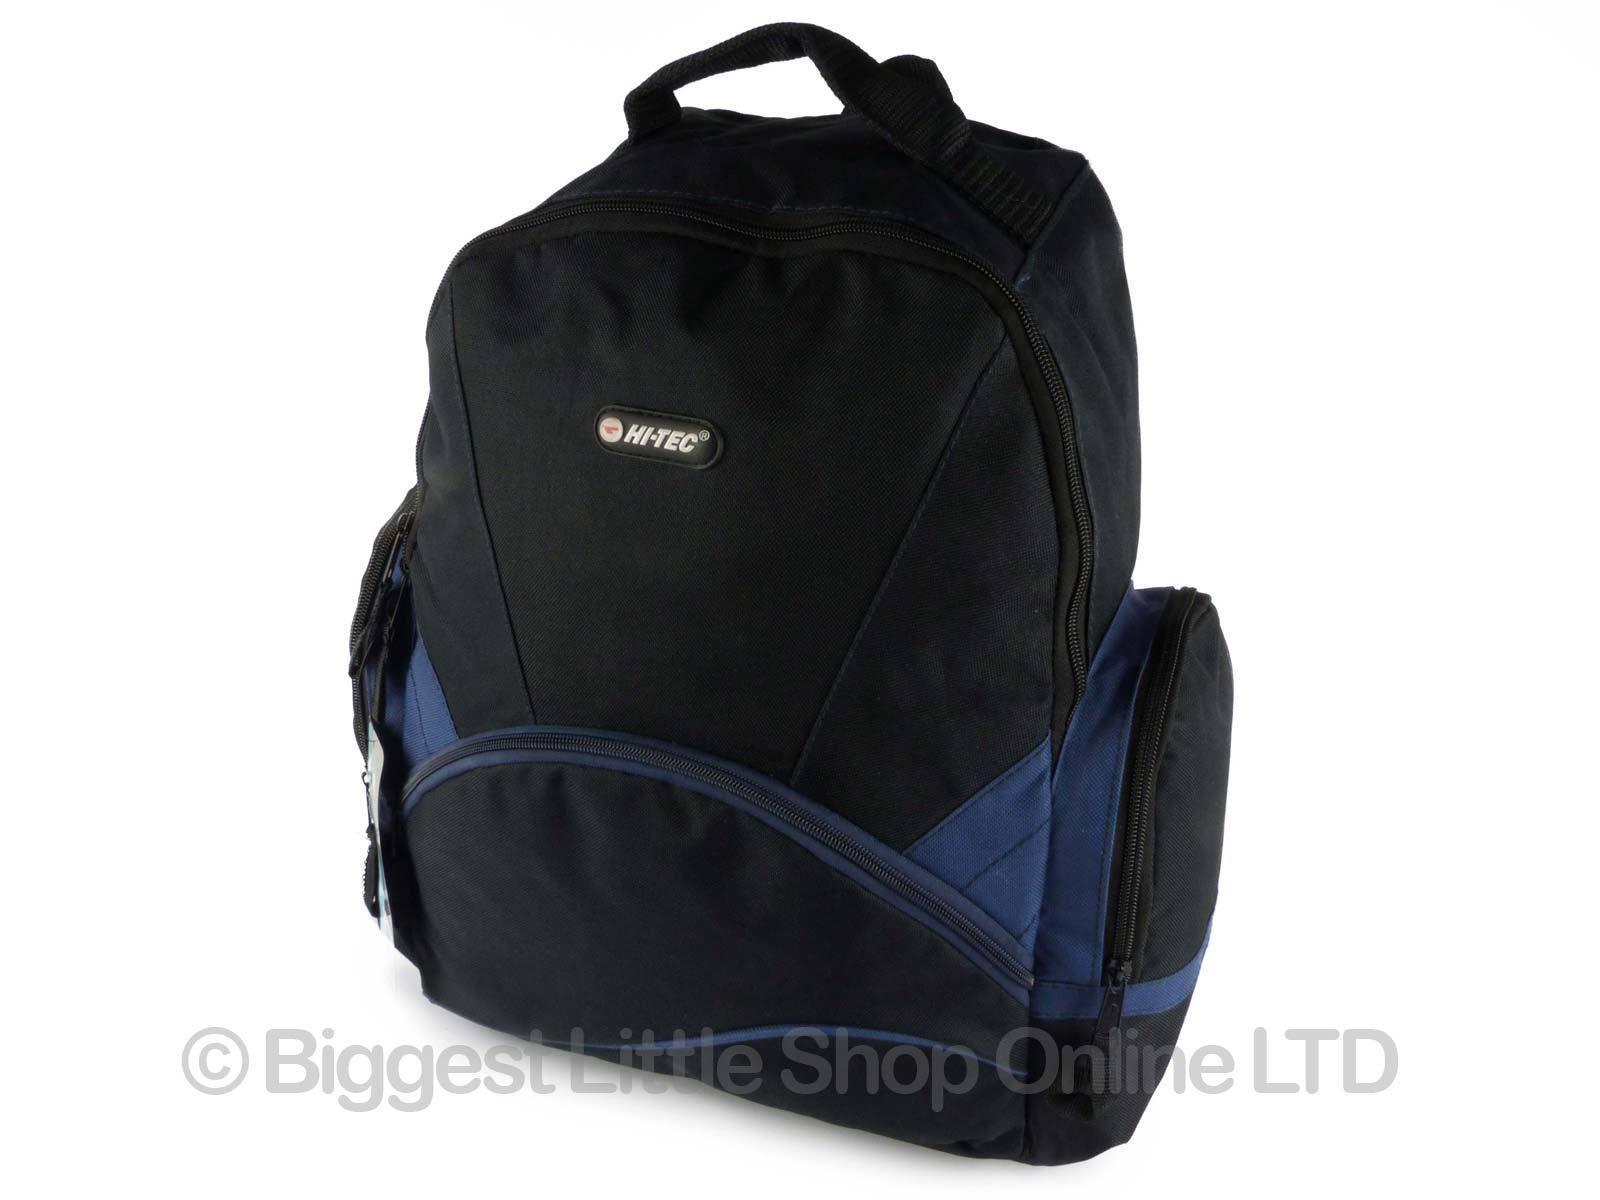 hi tec large mens boys backpack rucksack school or college bag travel 4 colours ebay. Black Bedroom Furniture Sets. Home Design Ideas